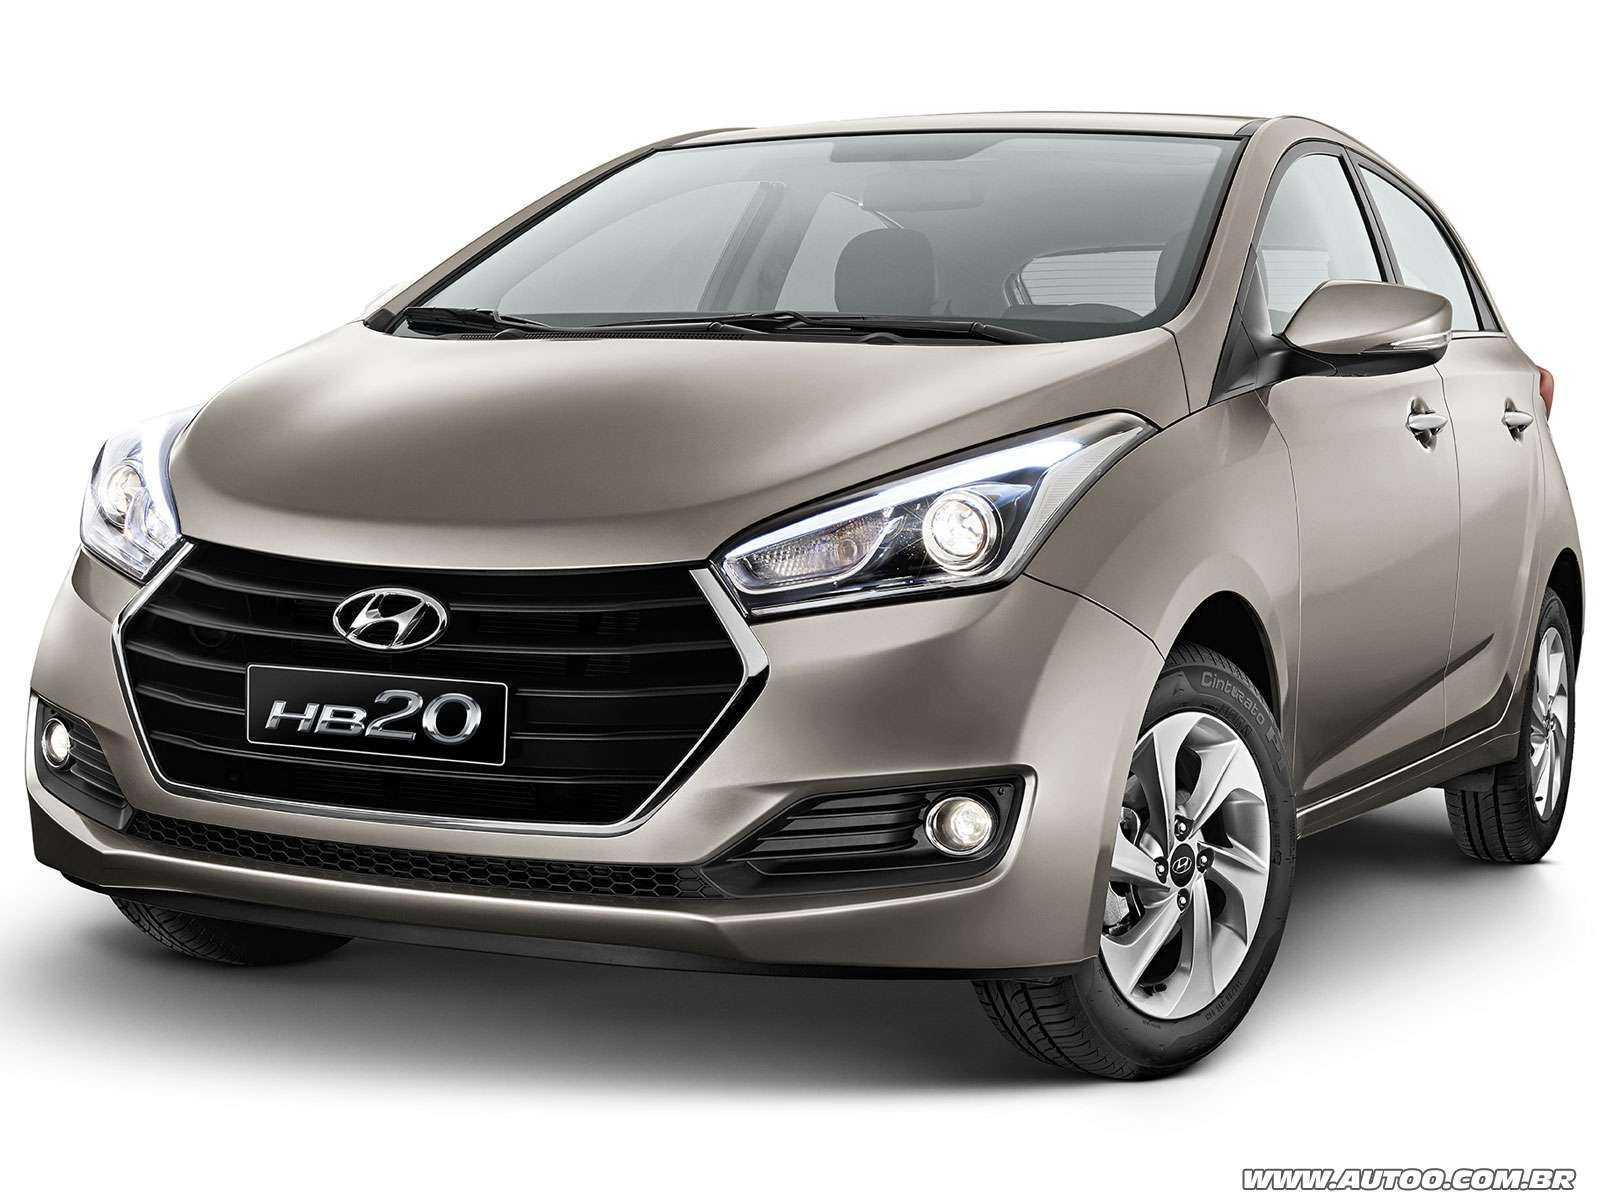 HyundaiHB20 2017 - ângulo frontal